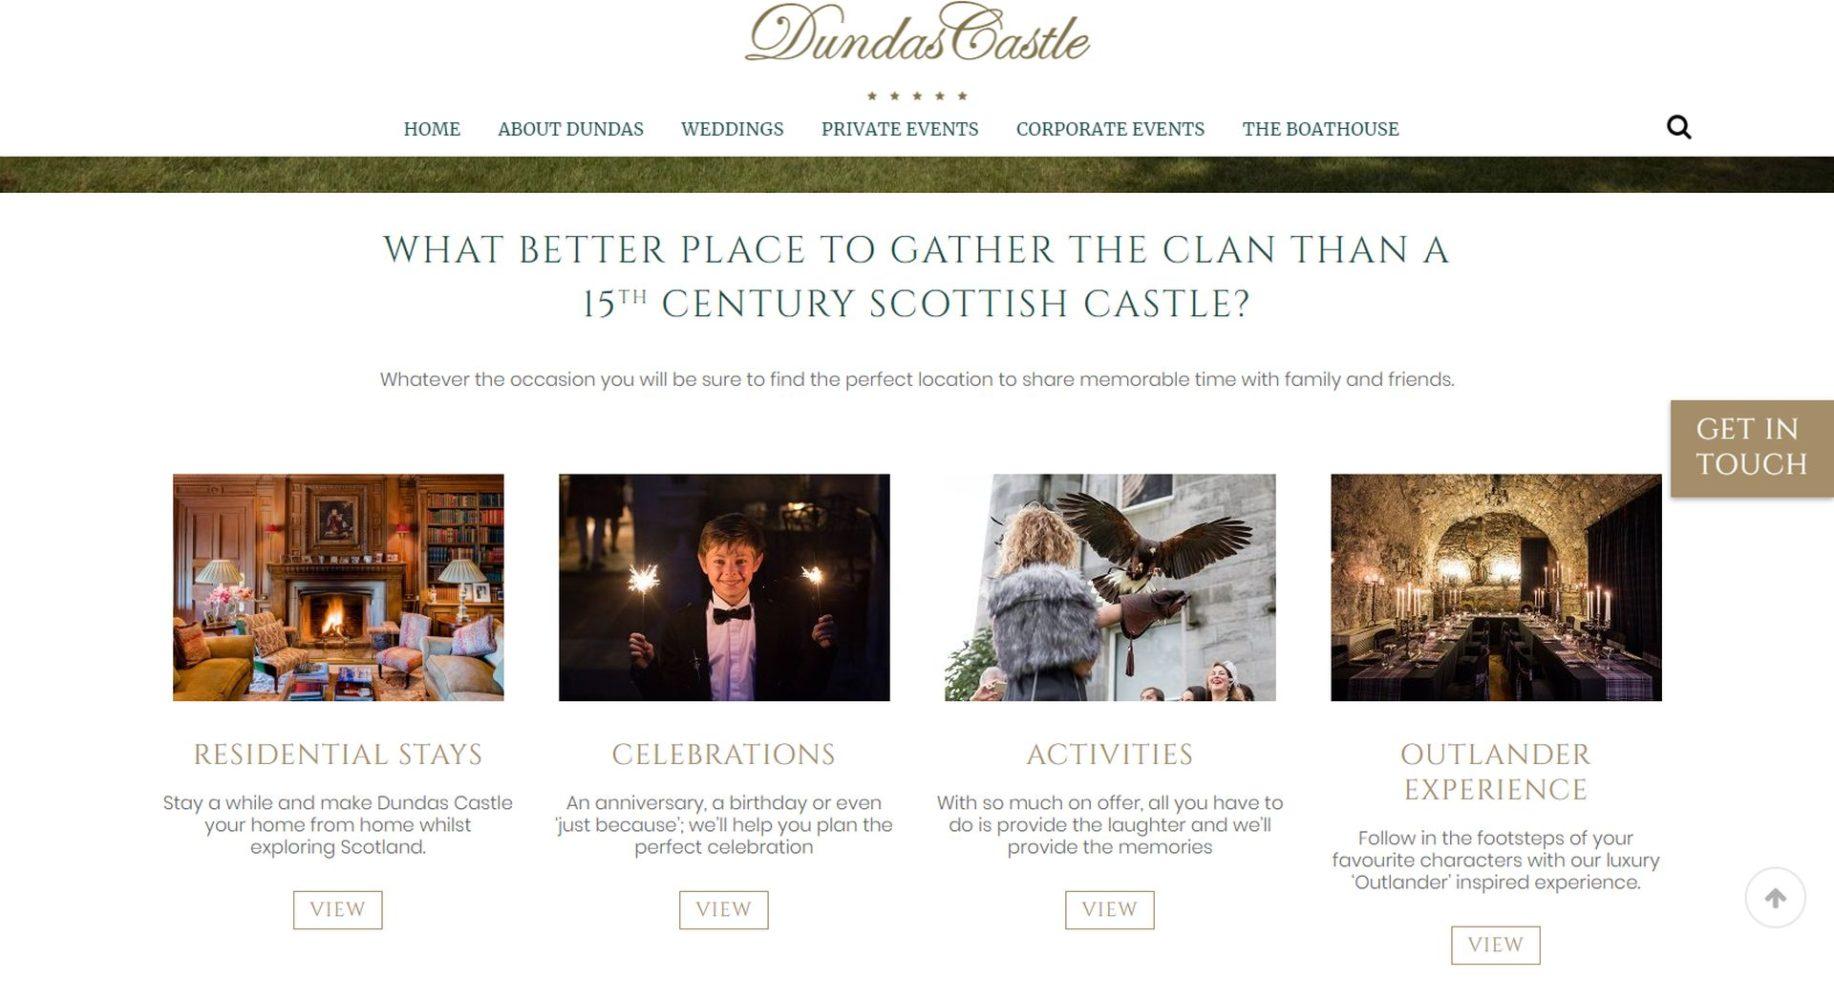 Dundas Castle Website Design Menu